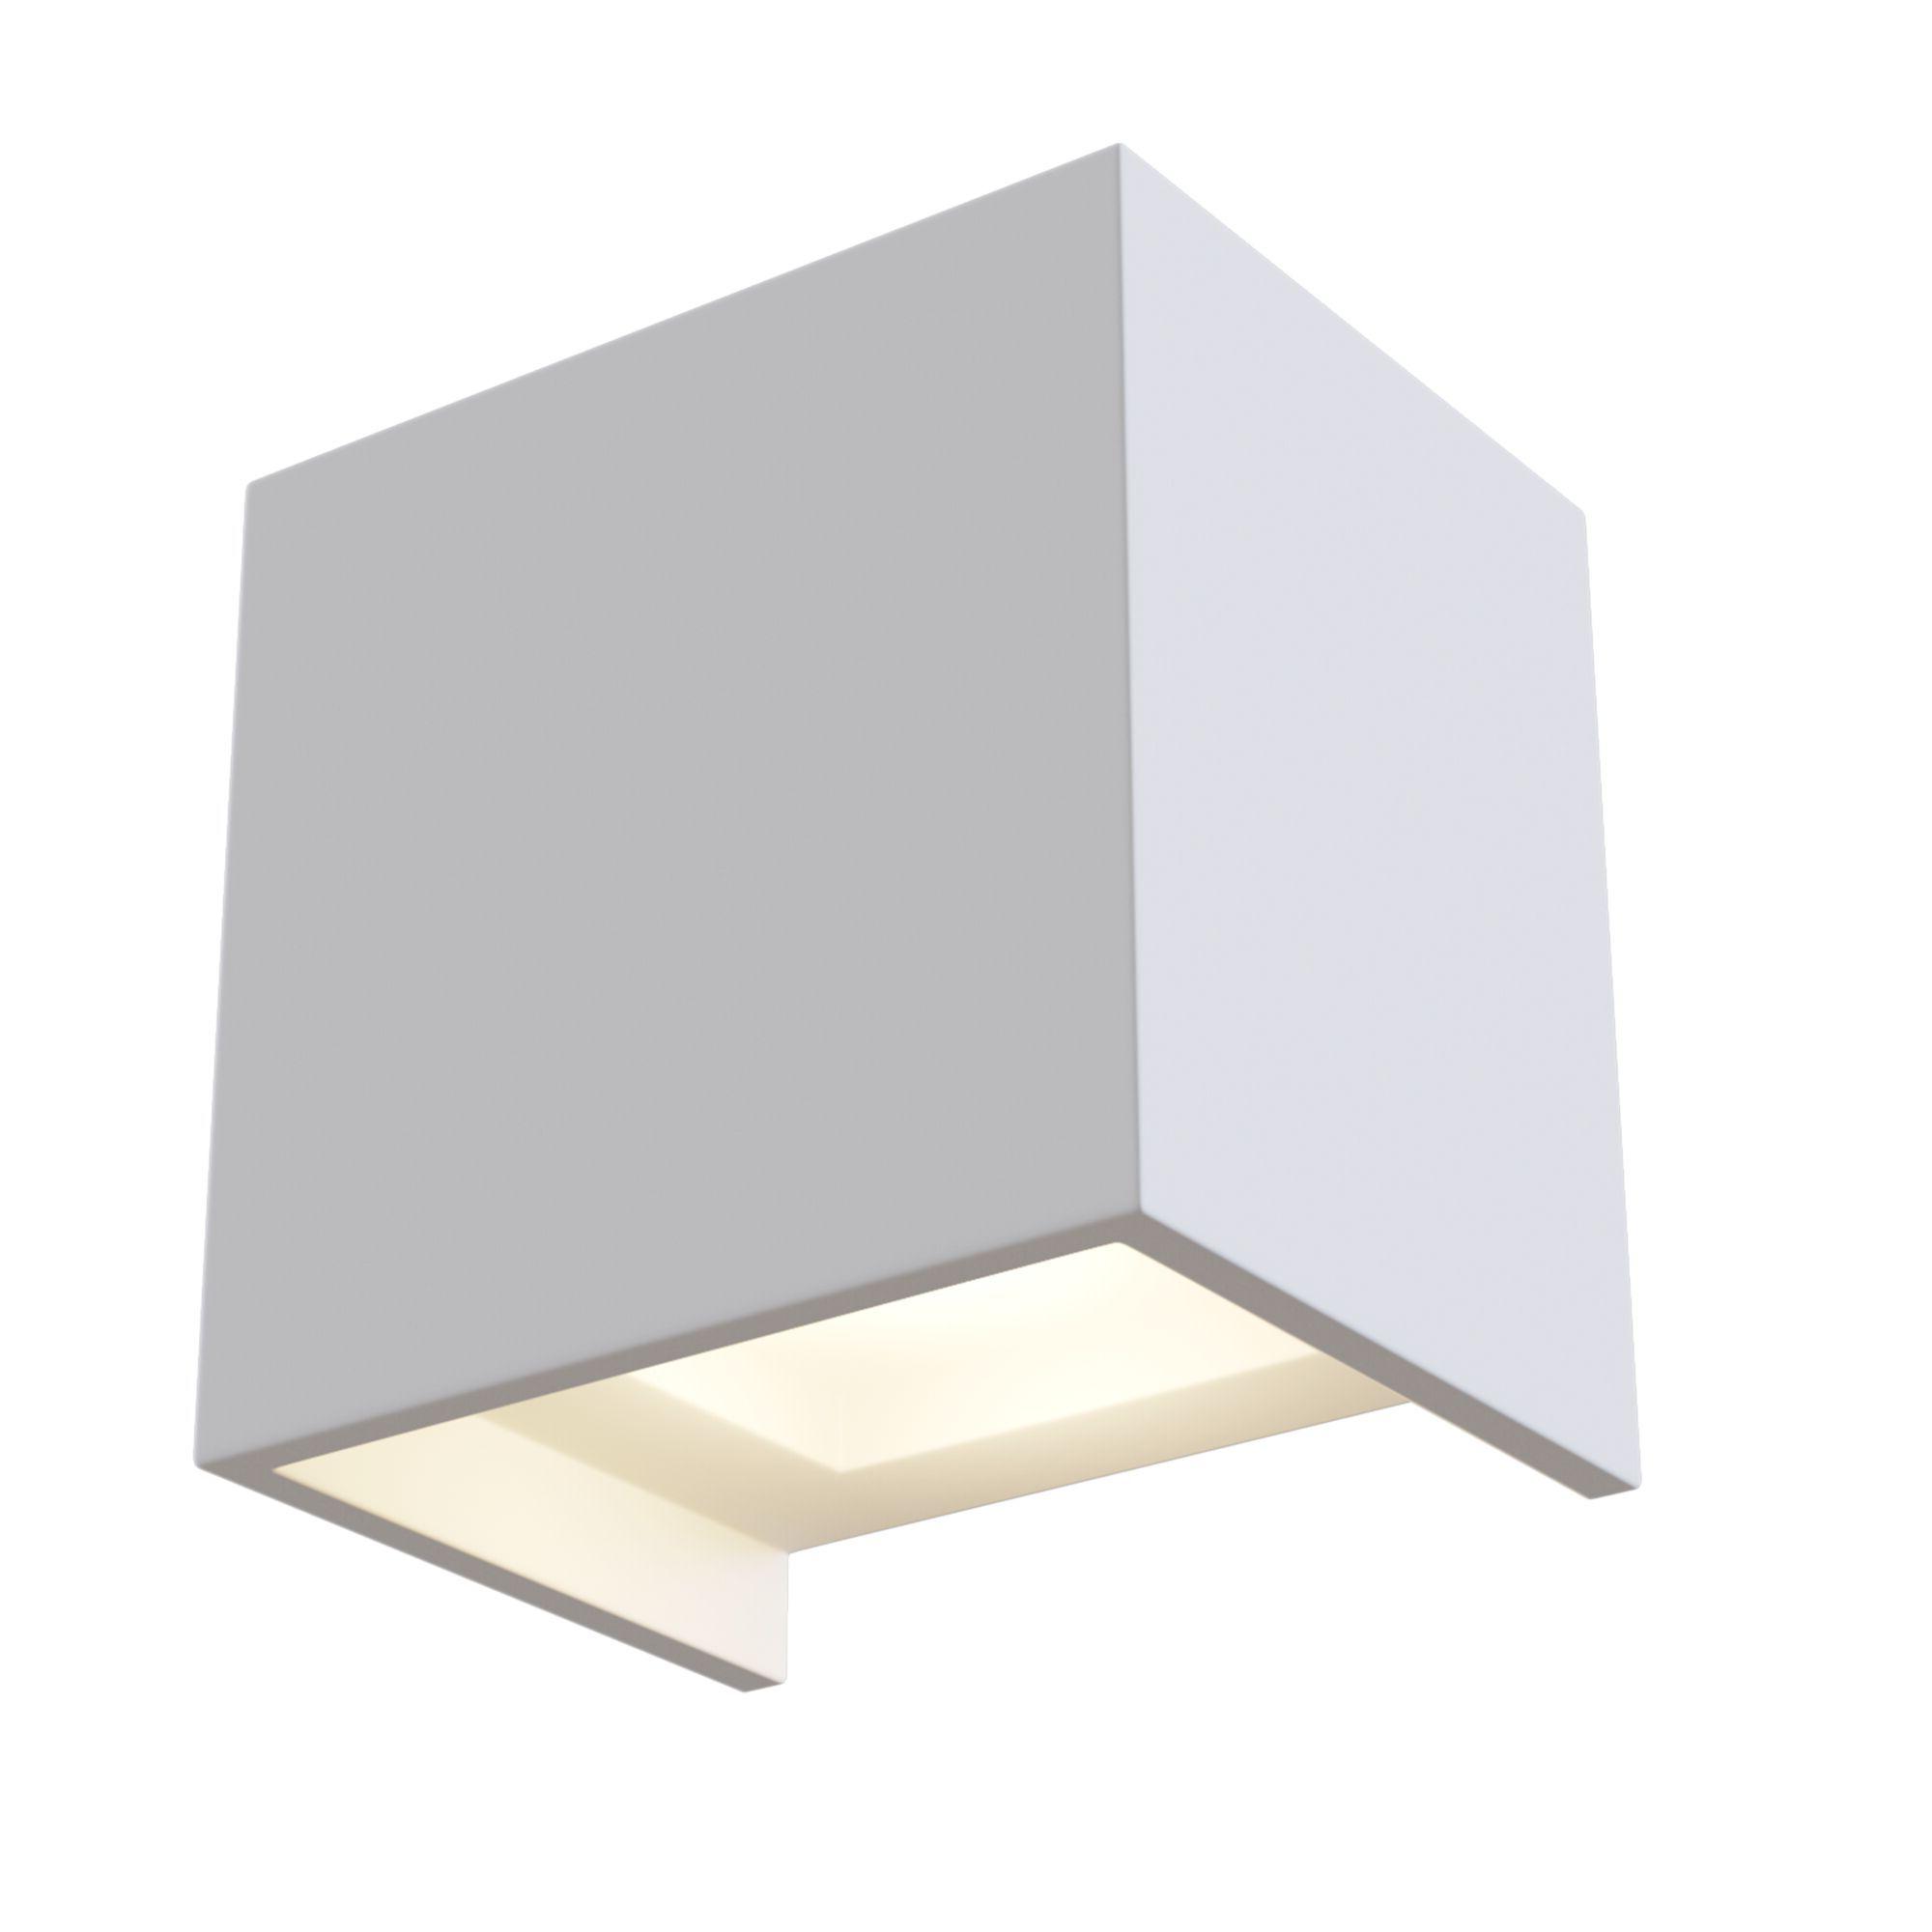 Фото - Бра Maytoni Parma C155-WL-02-3W-W настенный светодиодный светильник maytoni c123 wl 02 3w w